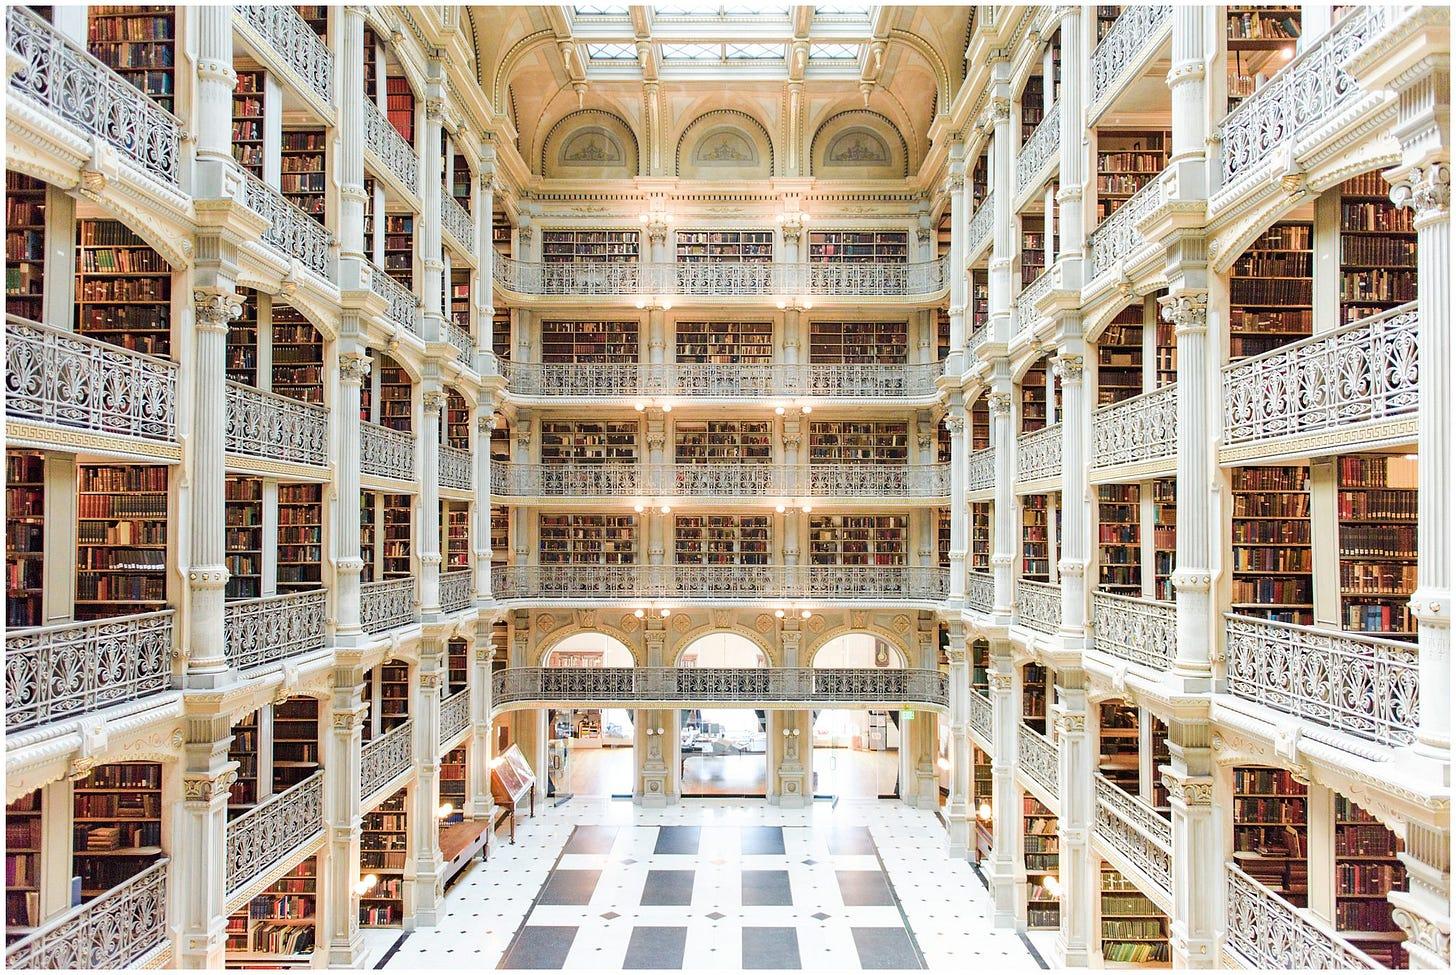 George Peabody Library | A Baltimore, MD Wedding Venue Tour | caitkramer.com